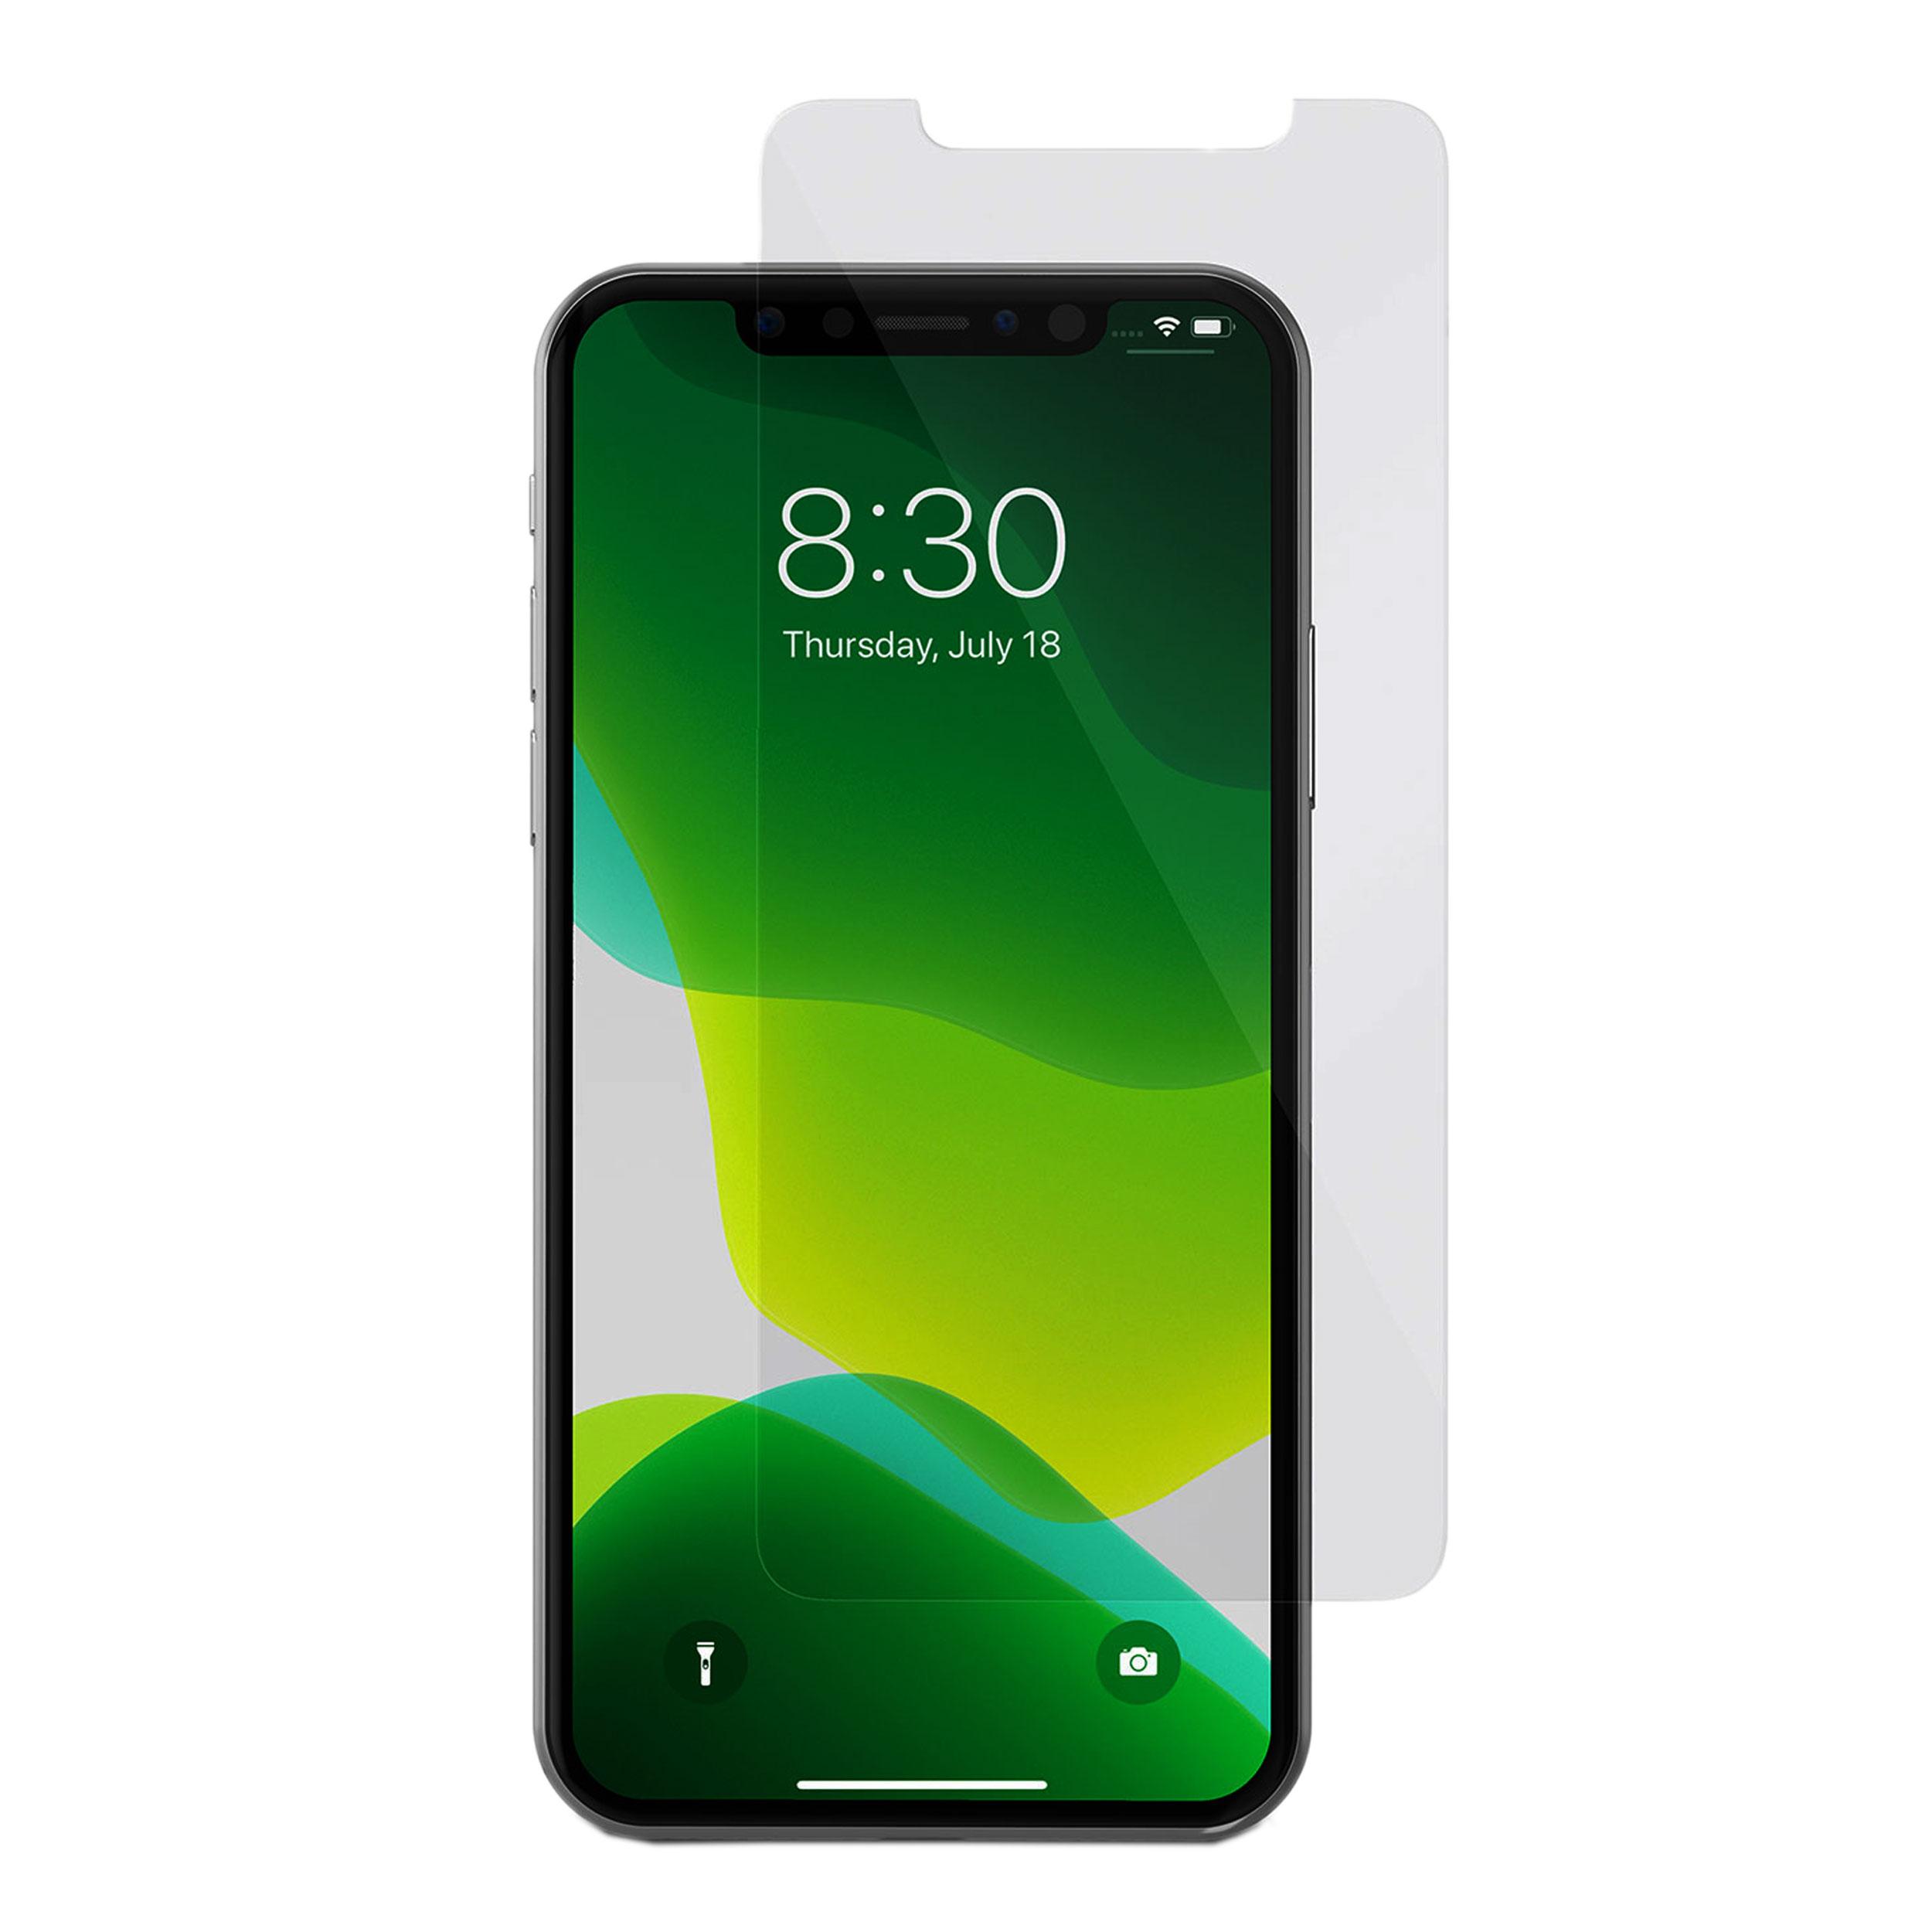 محافظ صفحه نمایش مدل N6 مناسب برای گوشی موبایل اپل Iphone x/xs/11pro